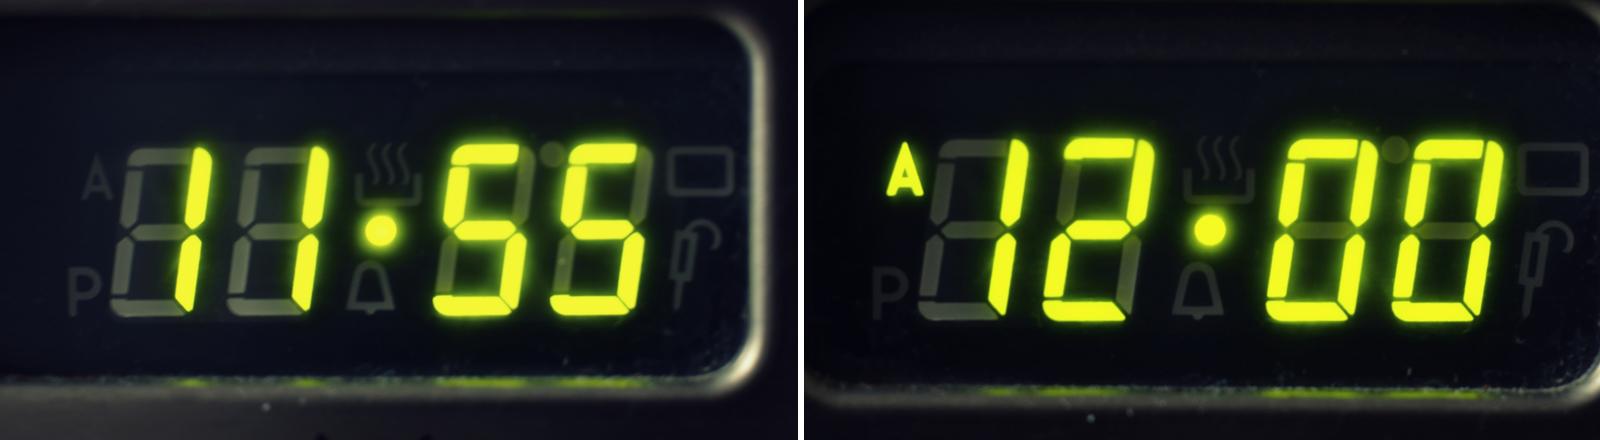 Zwei Digitaluhren im Vergleich